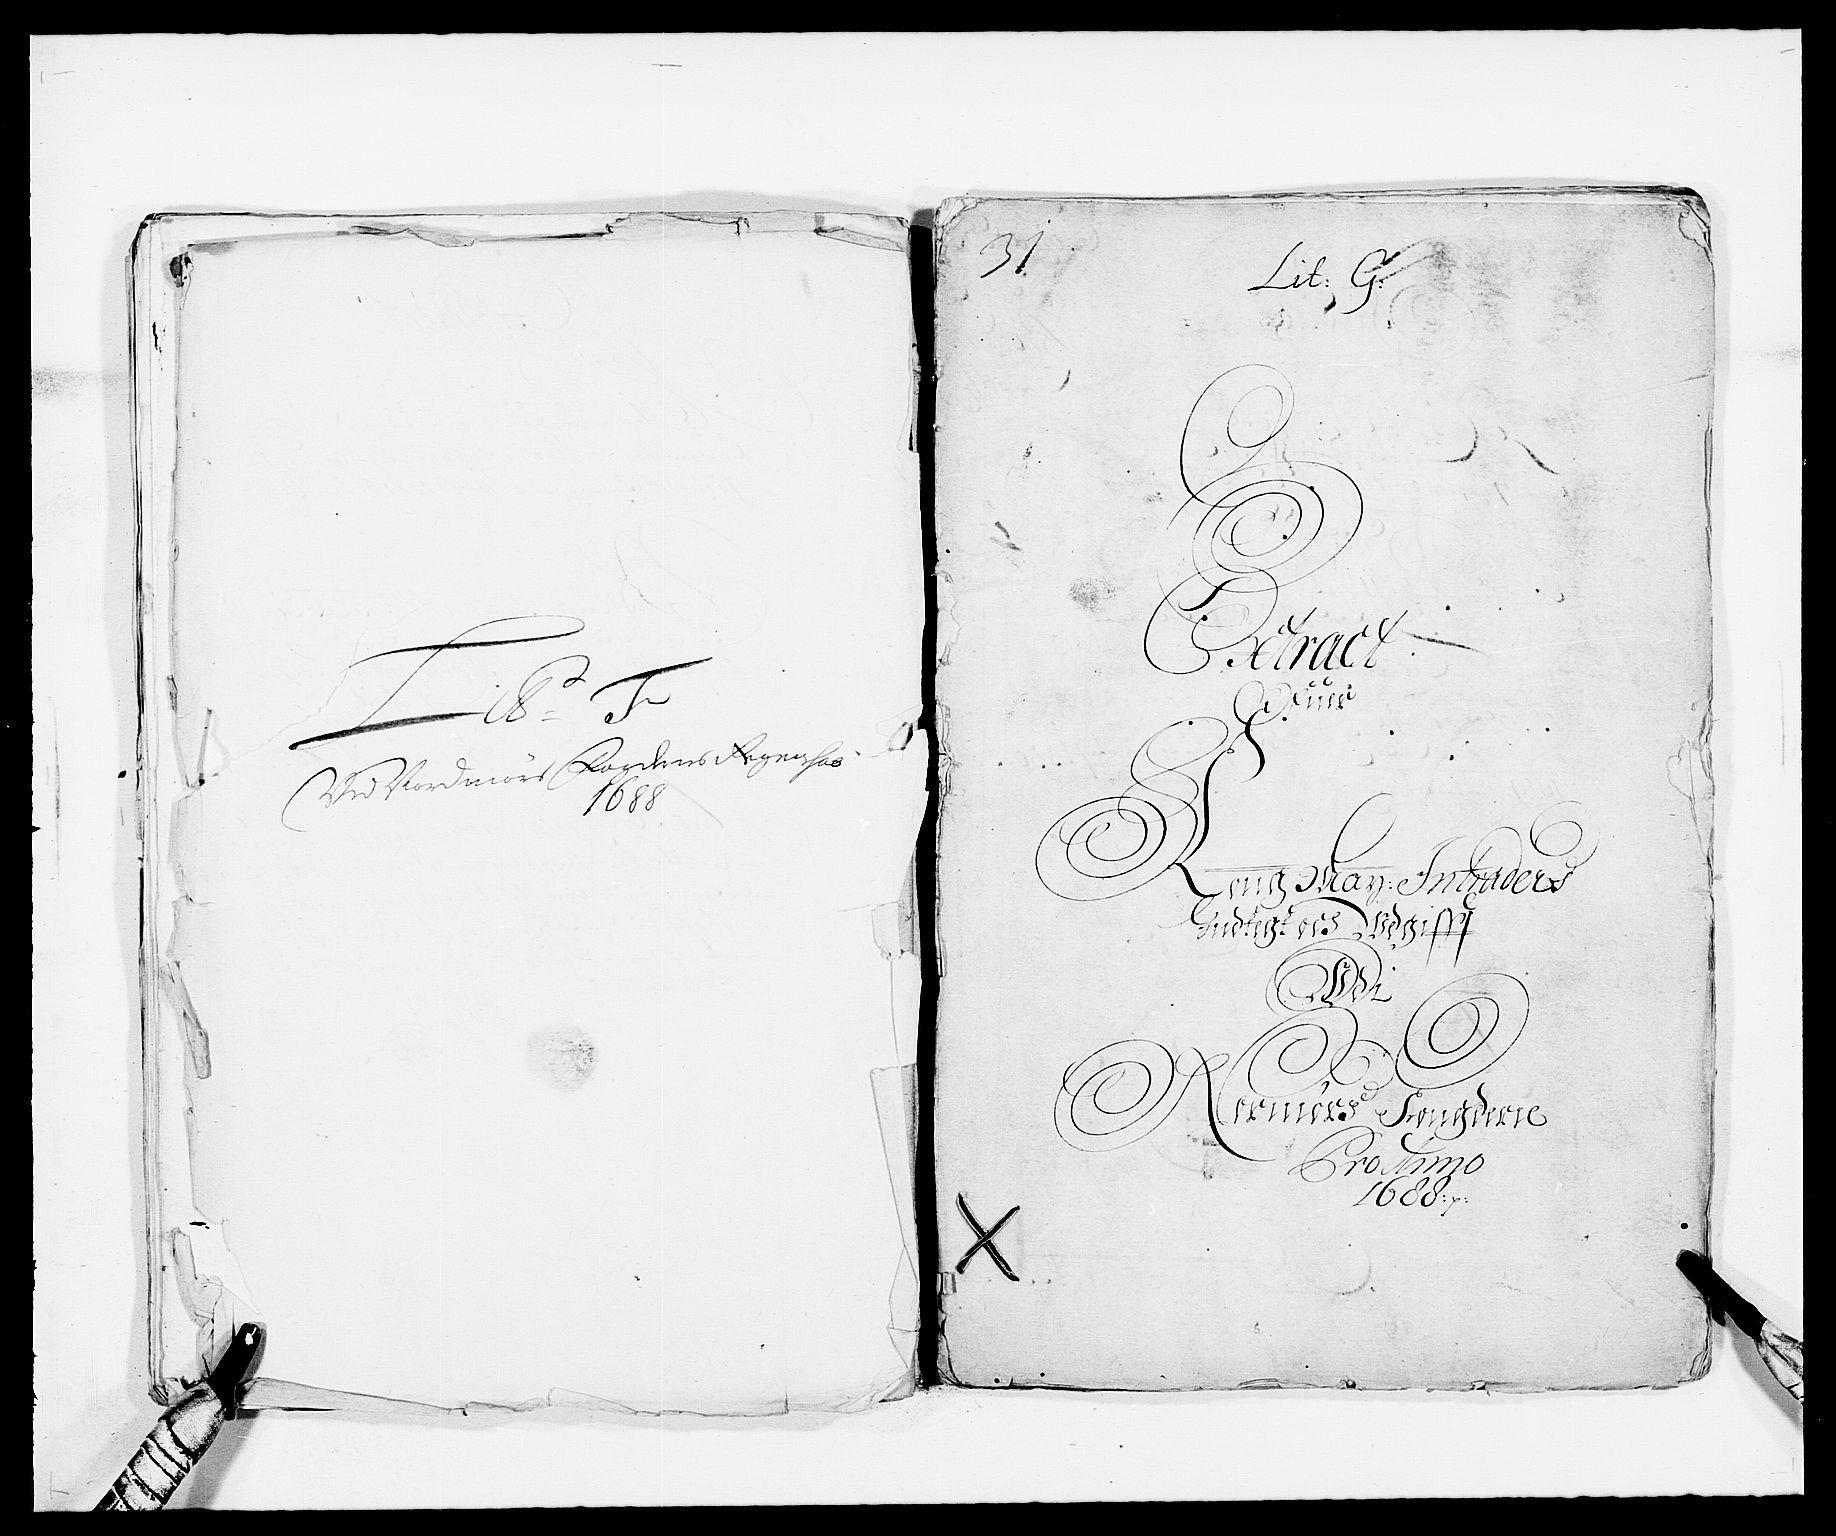 RA, Rentekammeret inntil 1814, Reviderte regnskaper, Fogderegnskap, R56/L3733: Fogderegnskap Nordmøre, 1687-1689, s. 135